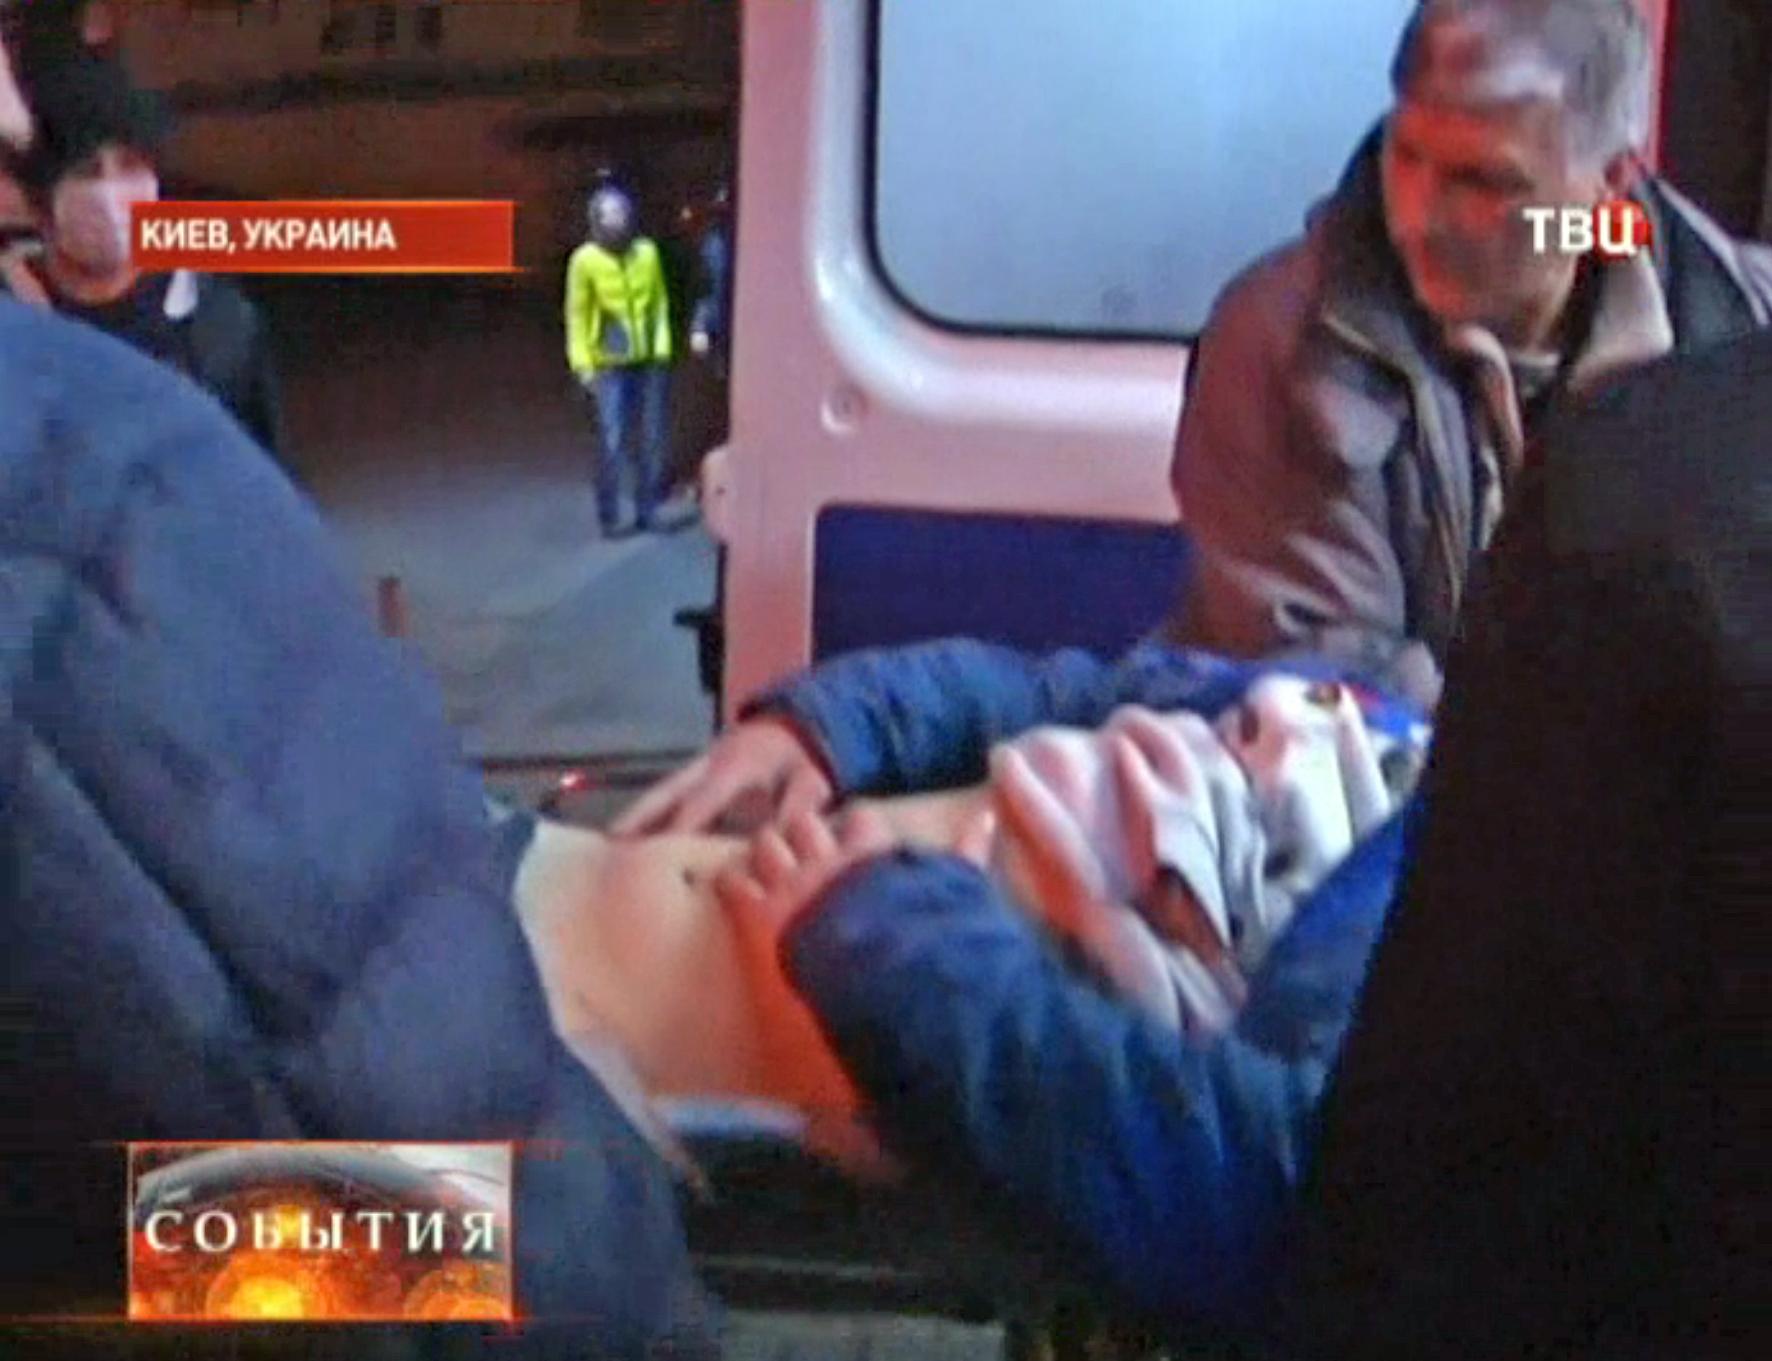 Пострадавший в уличных беспорядках в Киеве